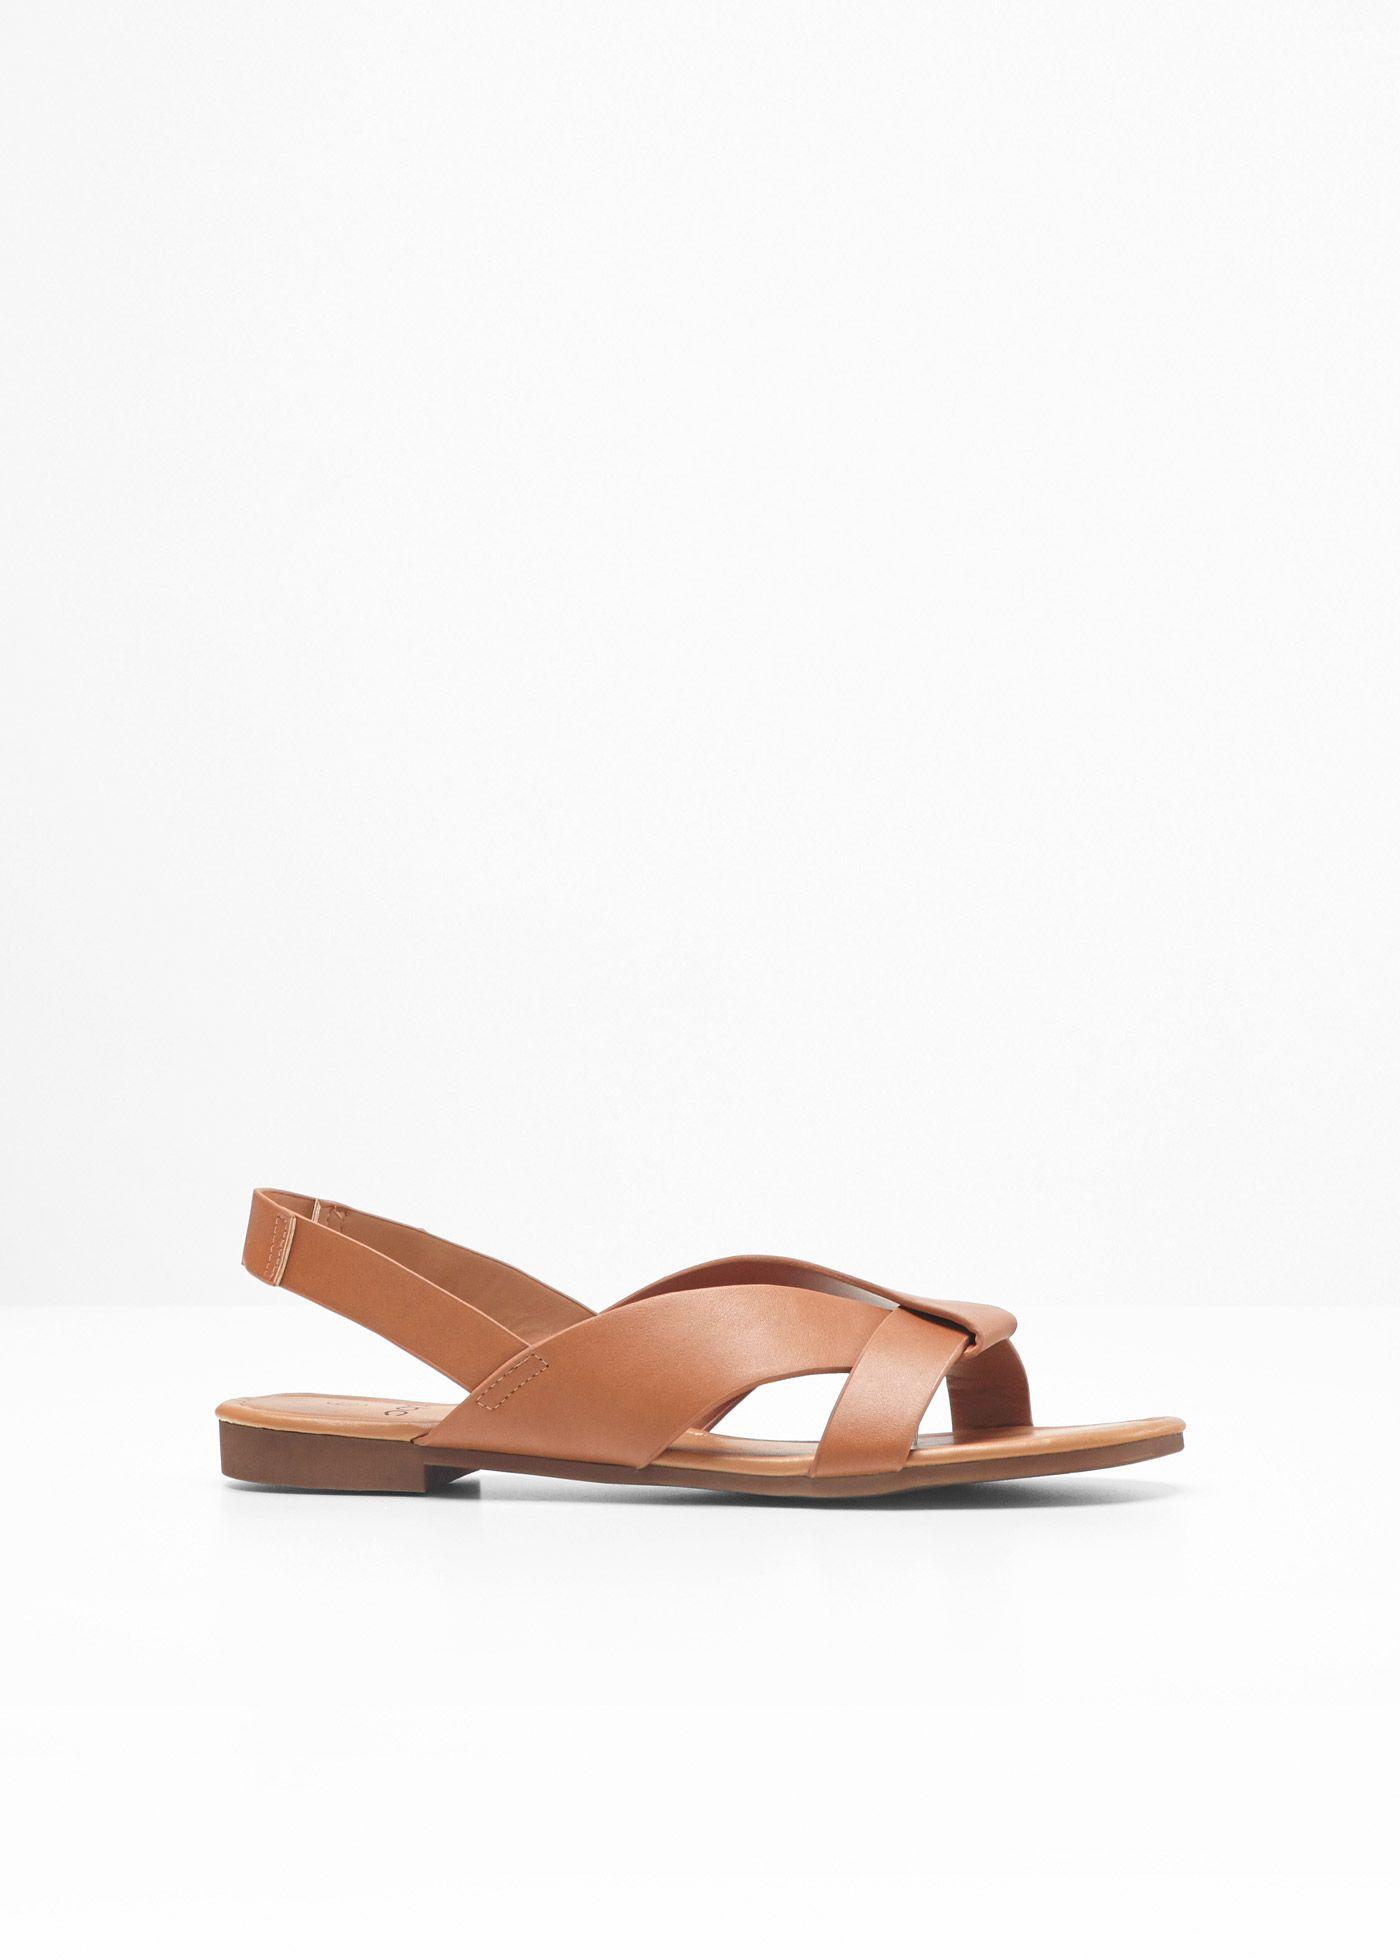 Sandale | Modische sandalen, Sandalen und Fossil taschen